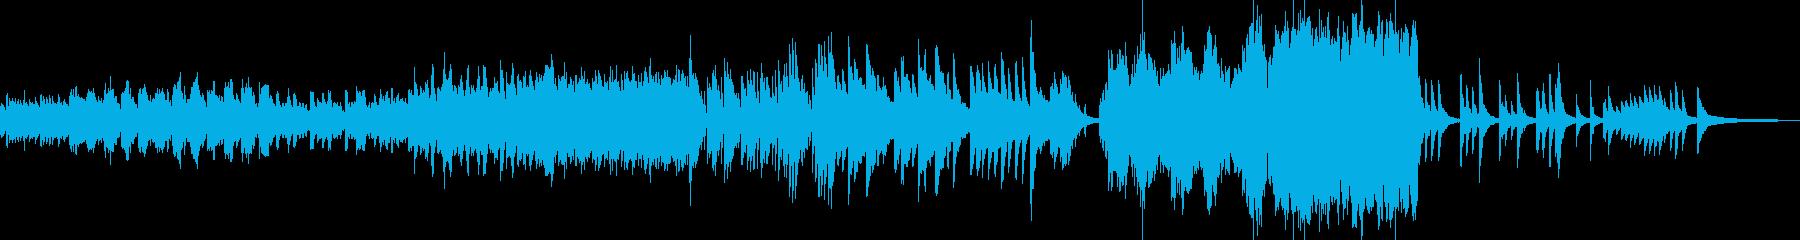 氷漬けの世界をイメージしたBGM Cの再生済みの波形